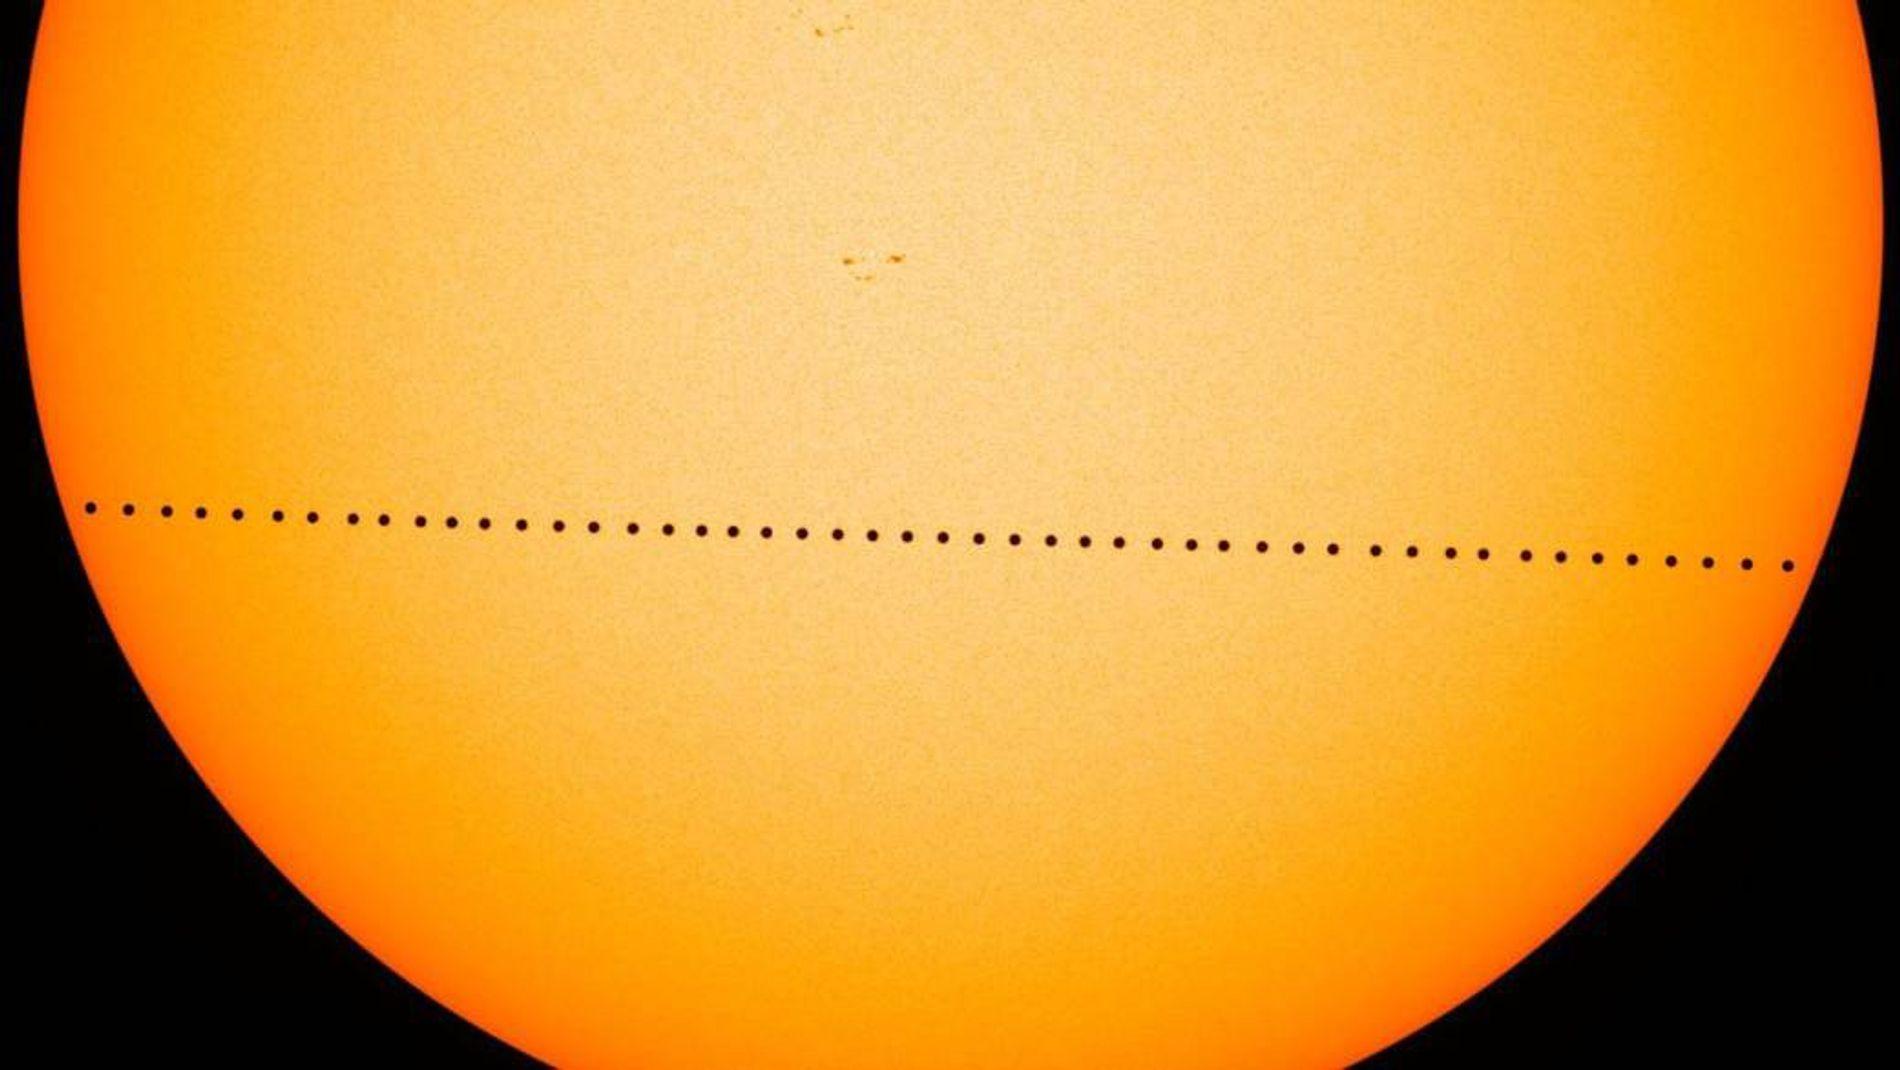 O pontilhado a negro representa Mercúrio a atravessar o disco solar, numa imagem composta durante o ...